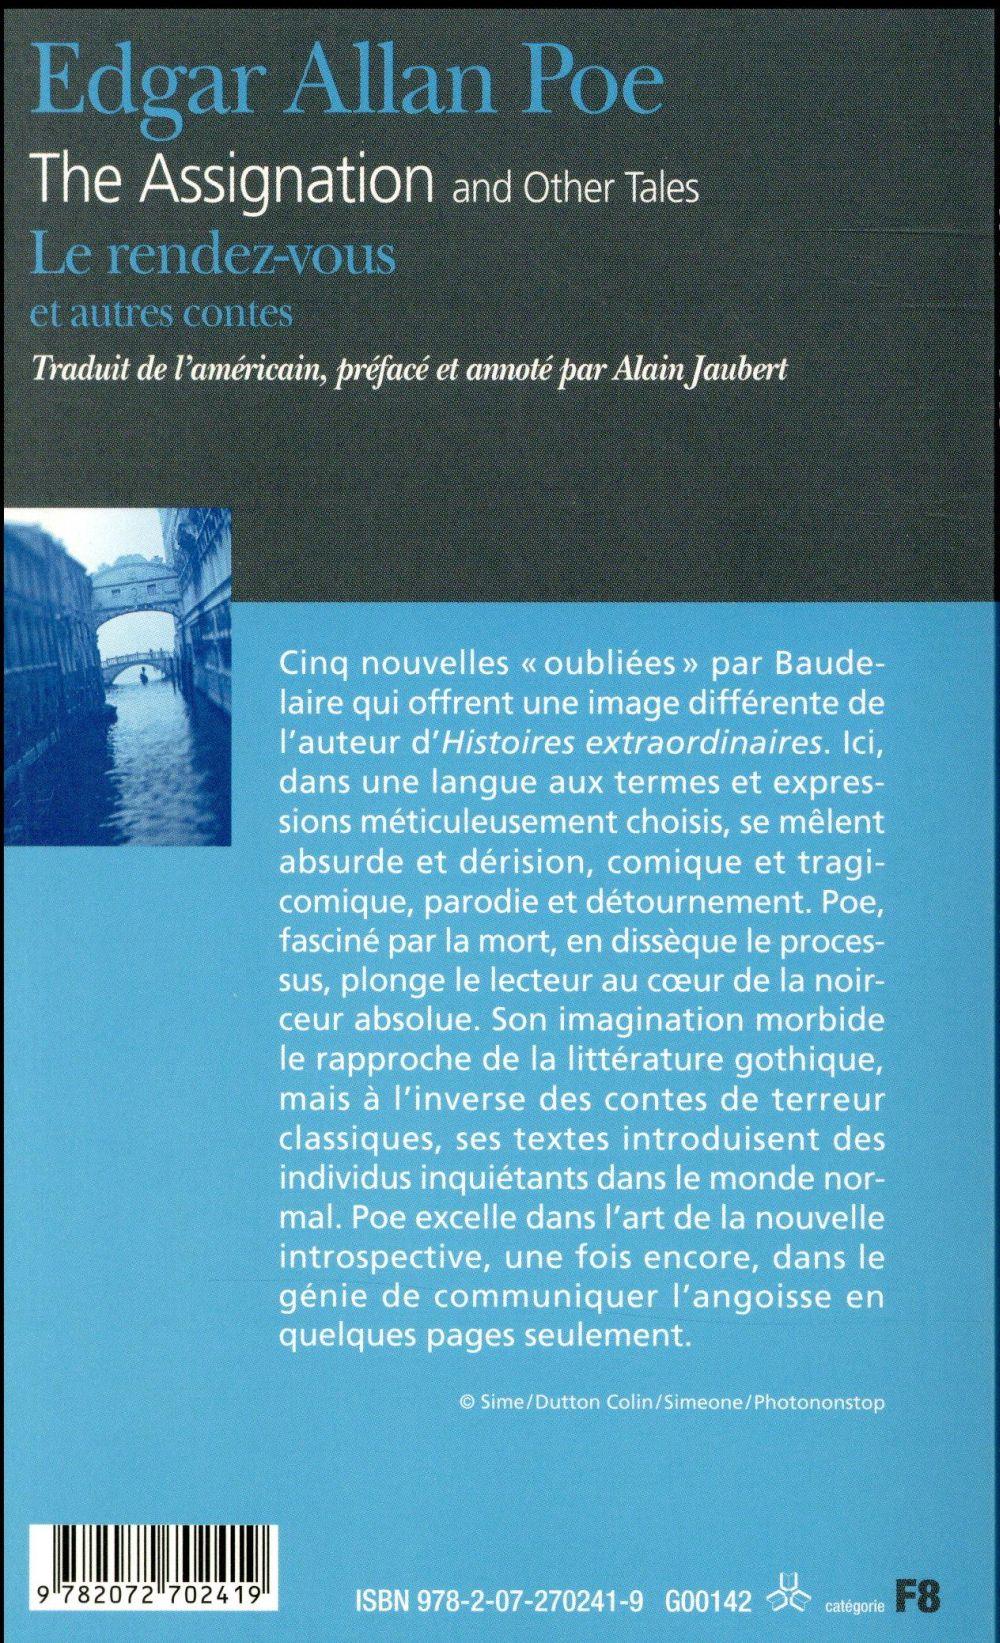 Le rendez-vous et autres contes ; the assignation and other tales